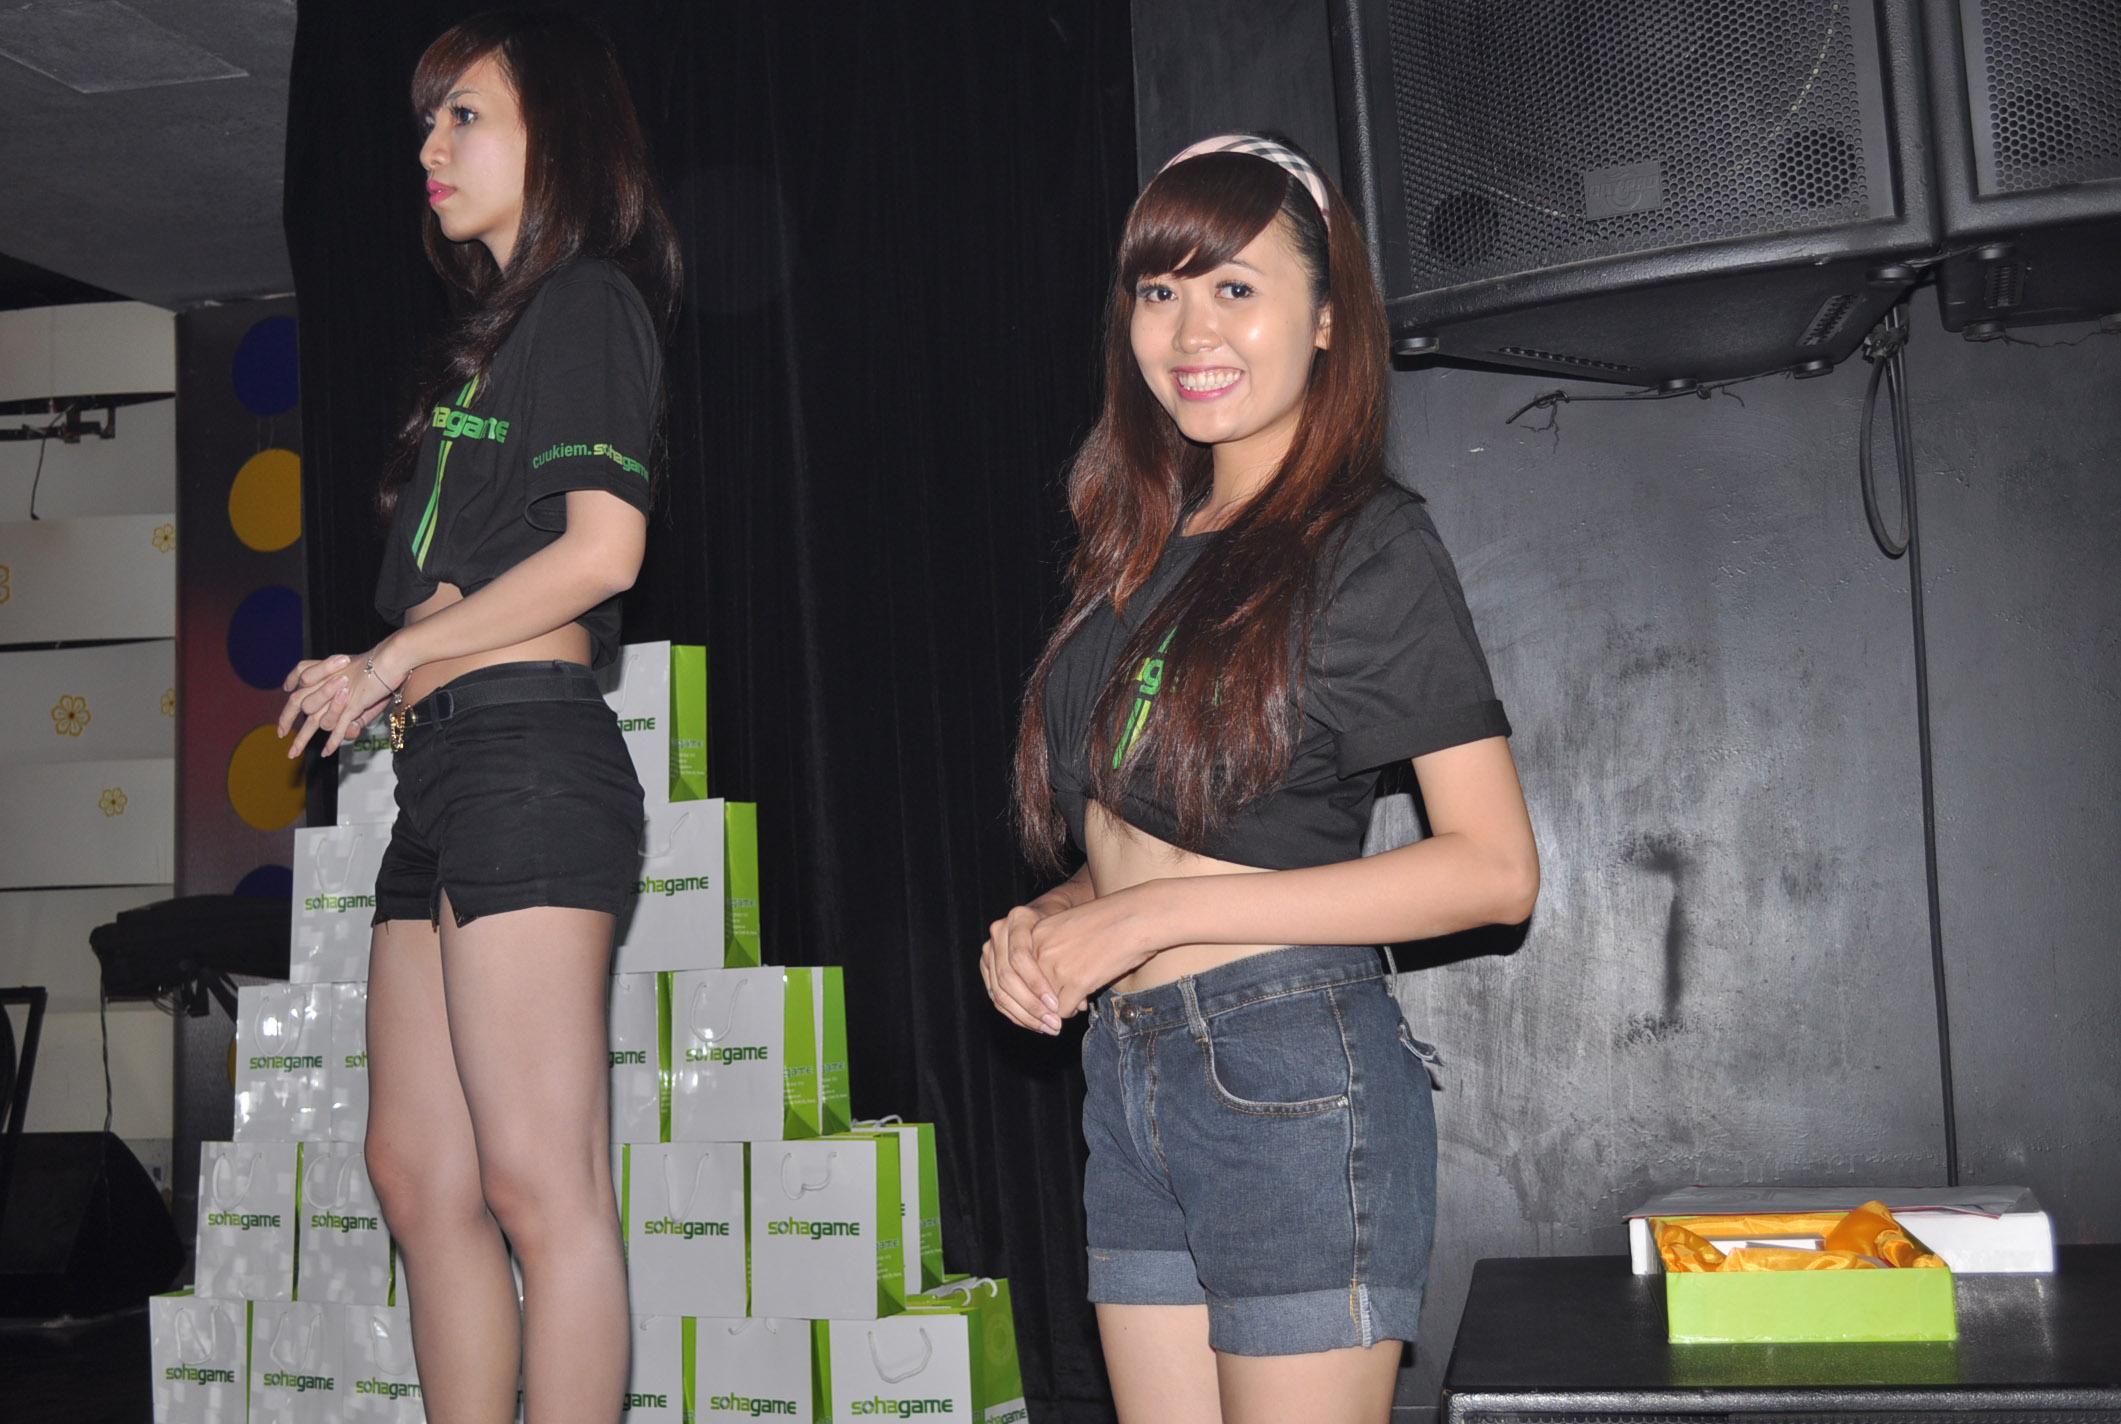 Những cô nàng xinh đẹp tại offline Độc Cô Cửu Kiếm